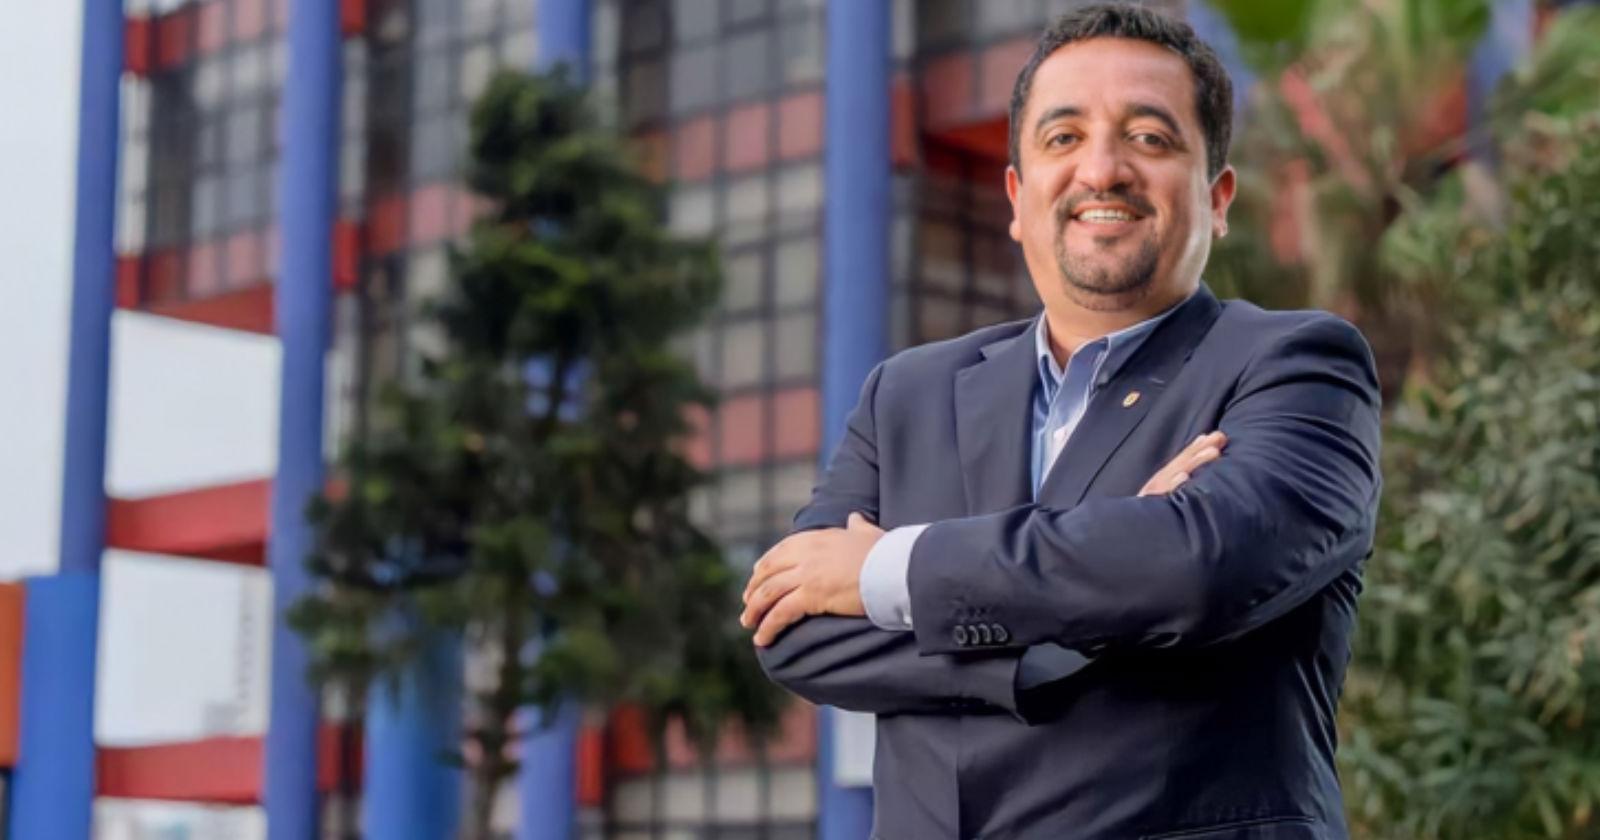 Gobernador de Iquique acusado de acoso sexual y laboral presentó su renuncia